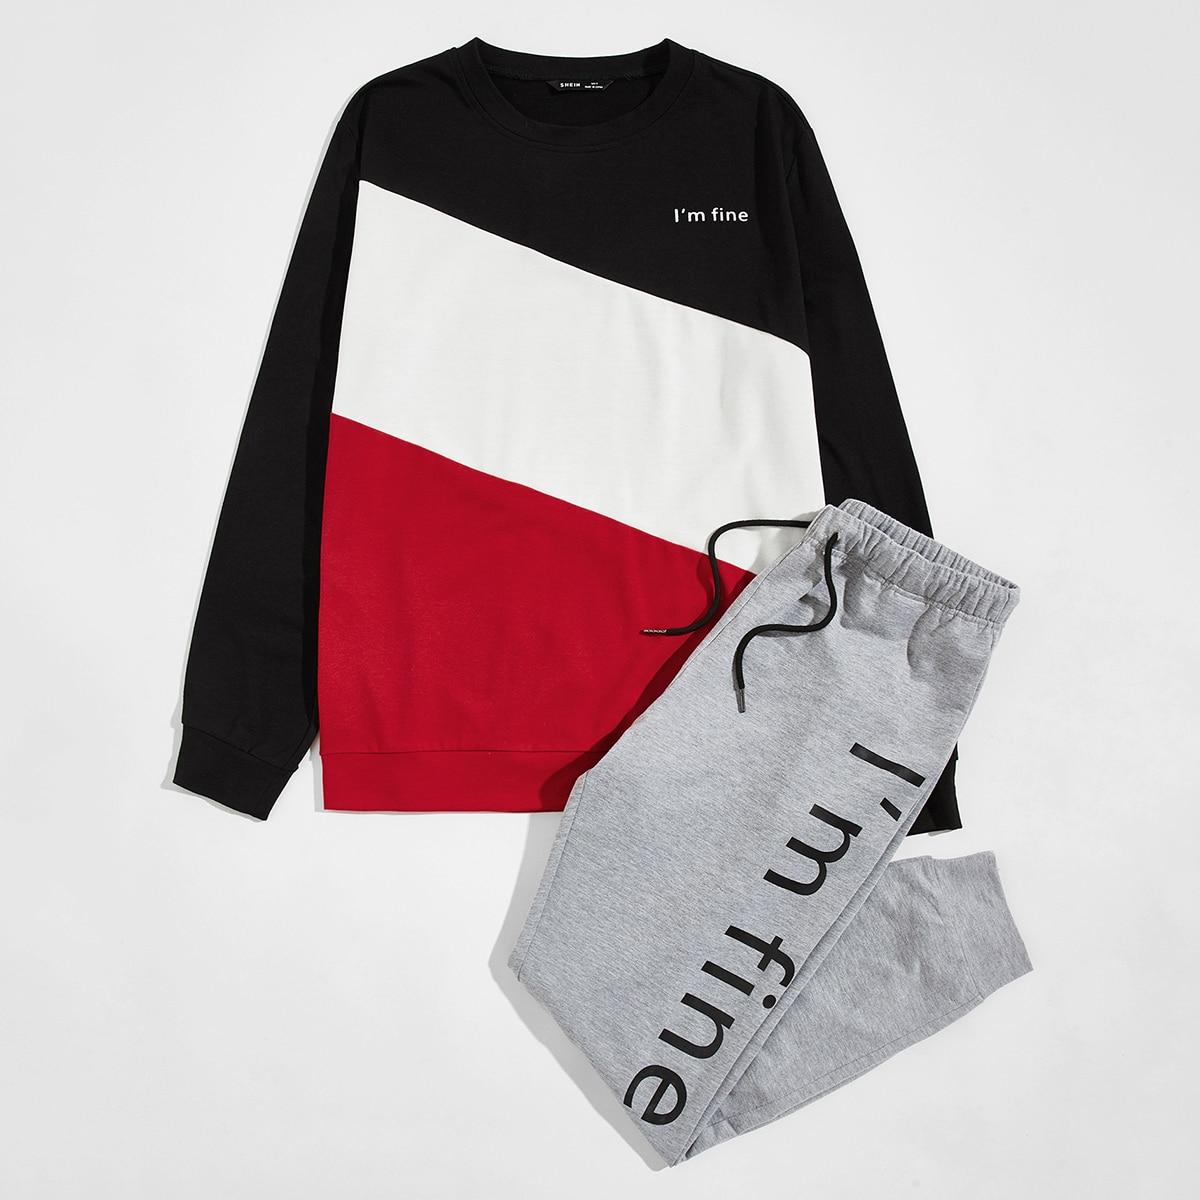 Мужские спортивные брюки и контрастный пуловер с текстовым принтом